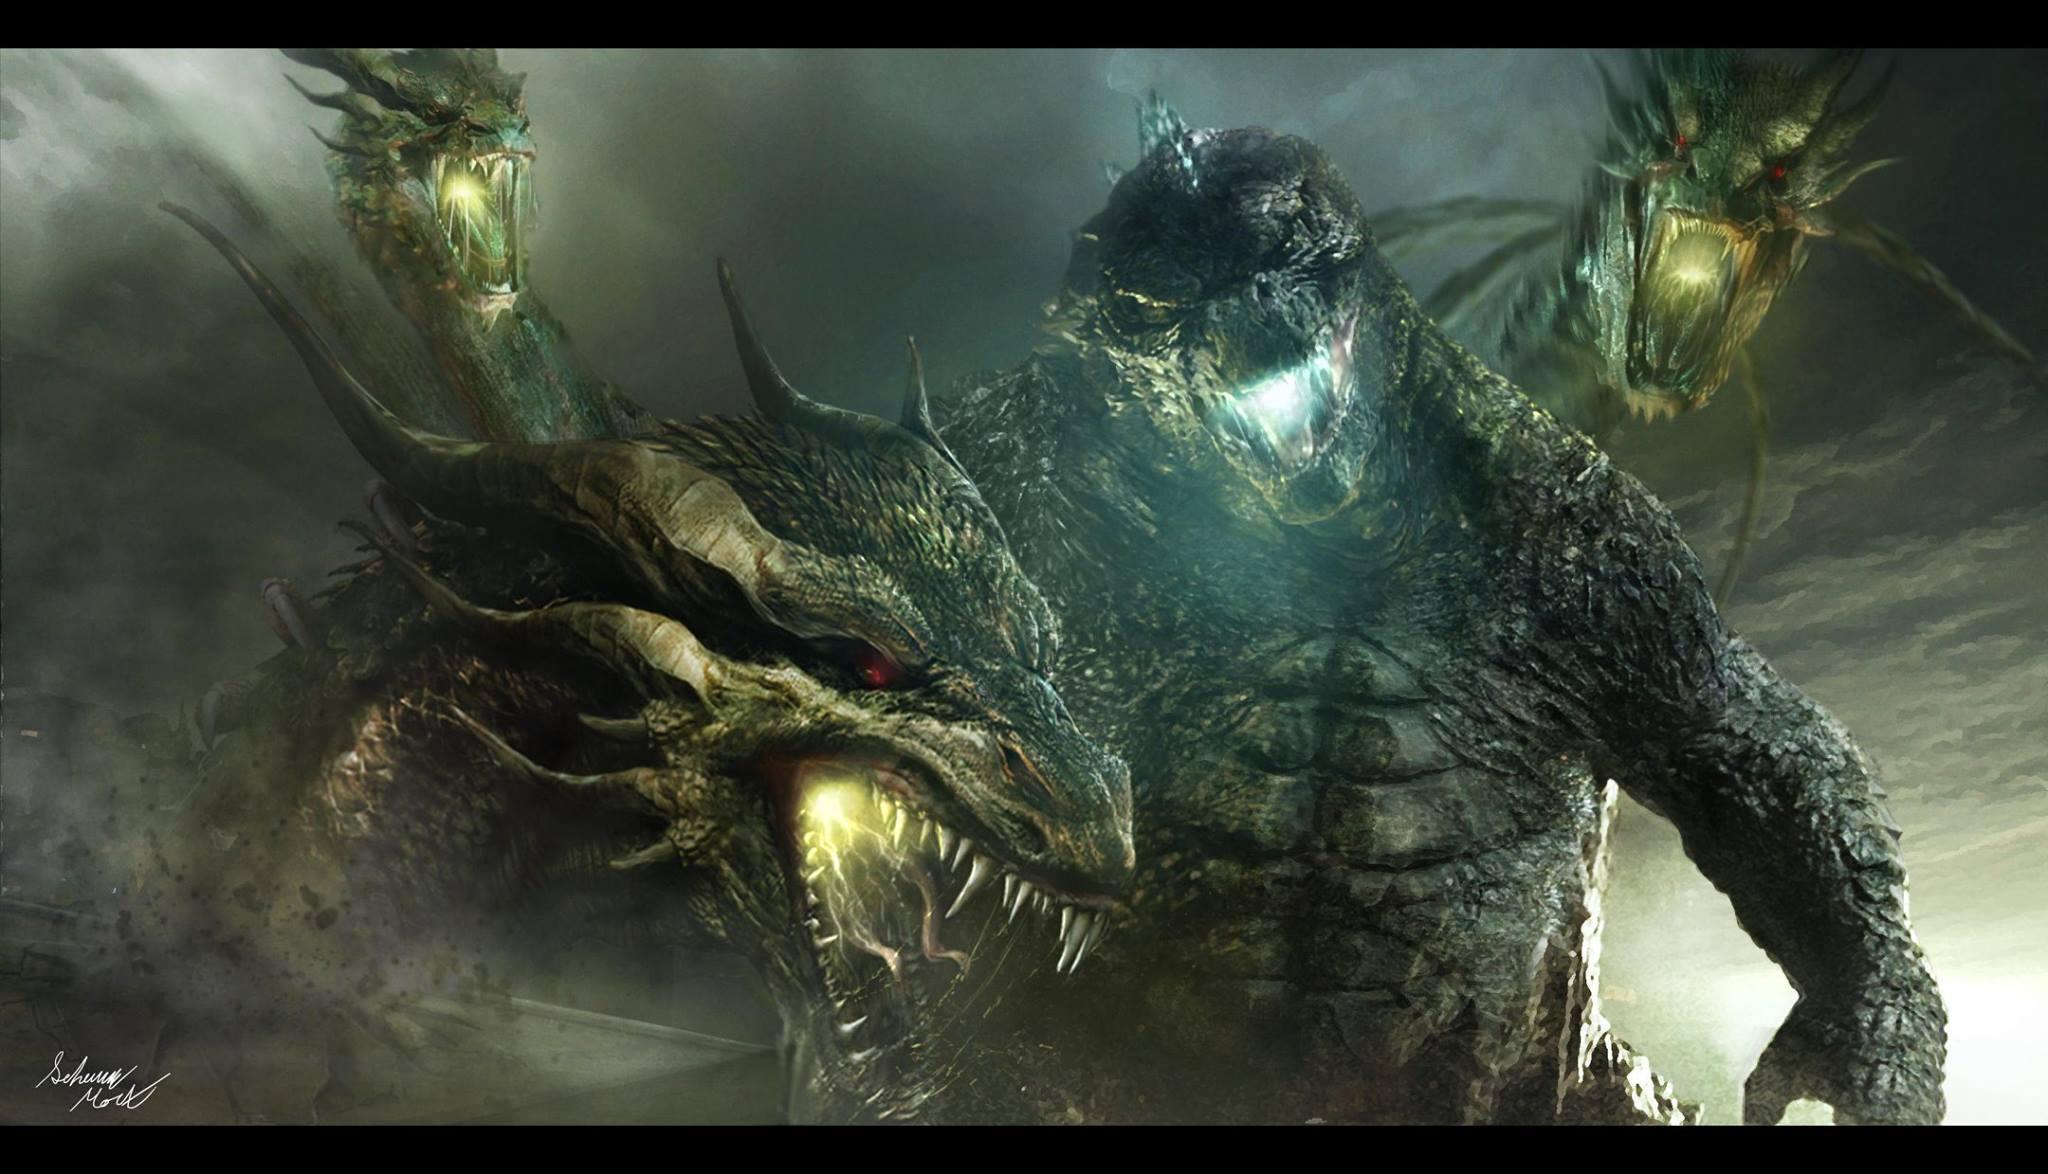 Hình nền Godzilla 2048x1174, Khoa học viễn tưởng, Hình ảnh HQ Godzilla